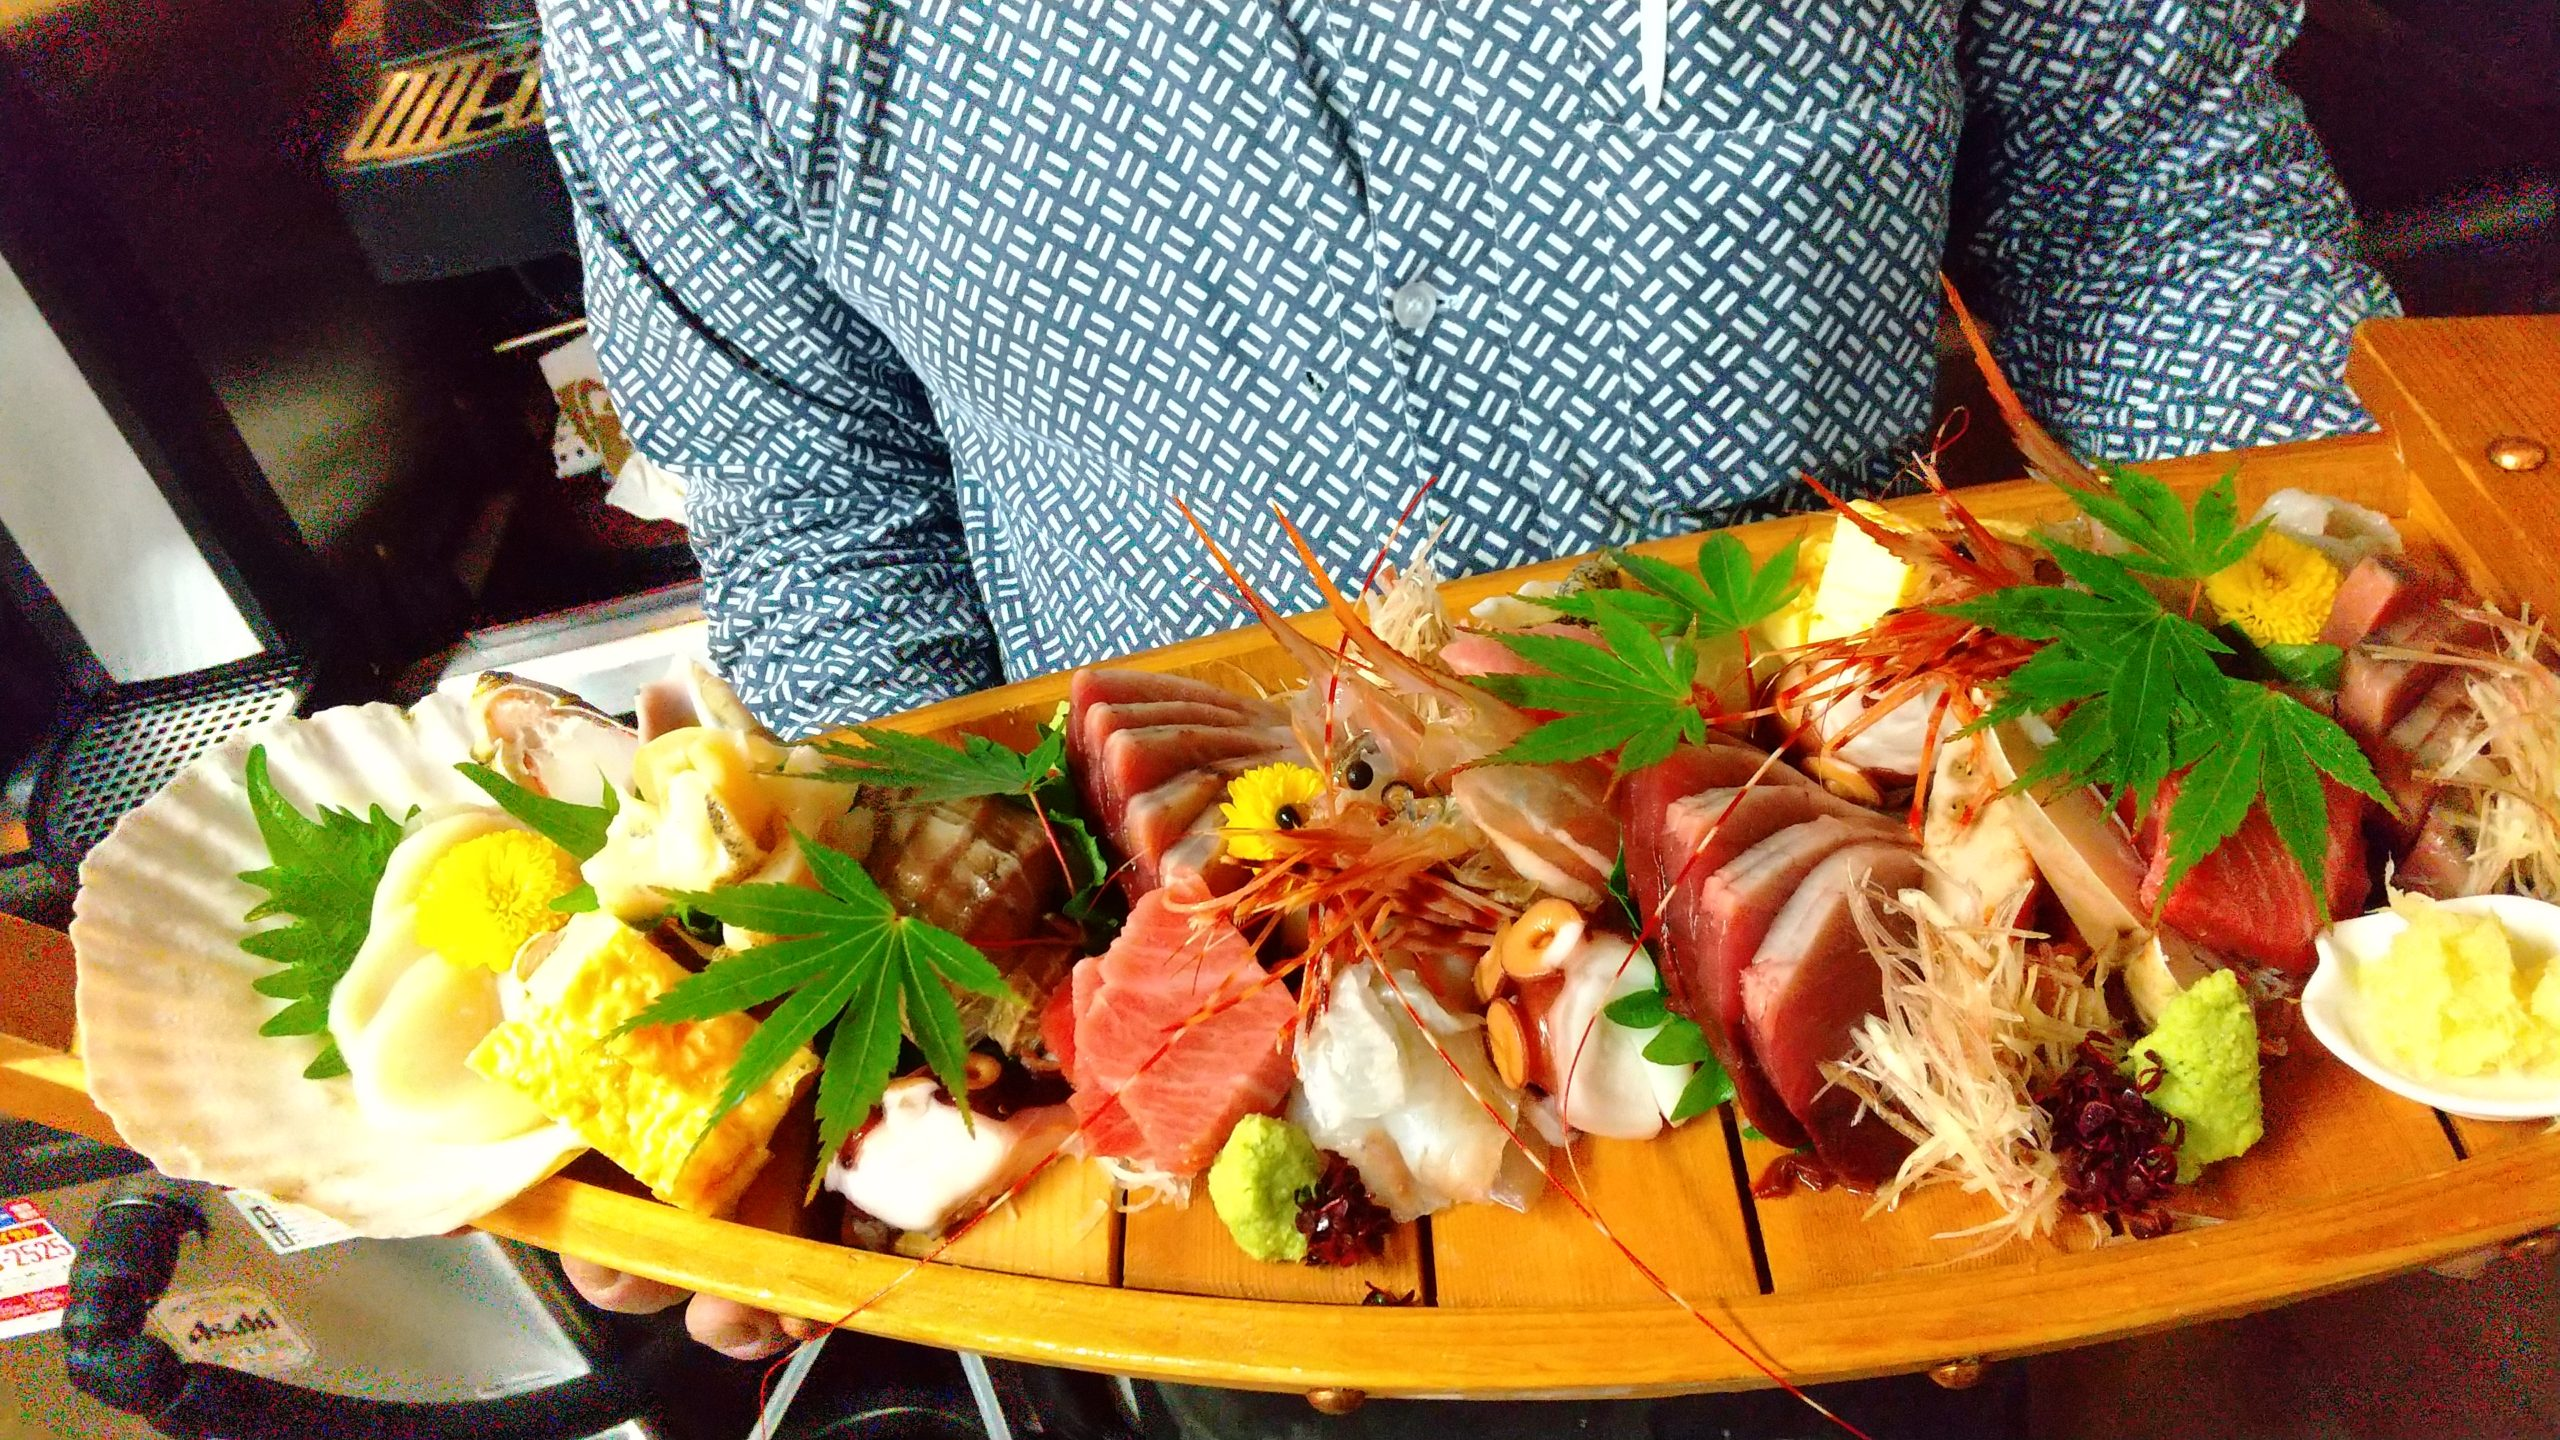 【福幸酒場おだづまっこ】お食事券(三千円相当)と感謝のお手紙